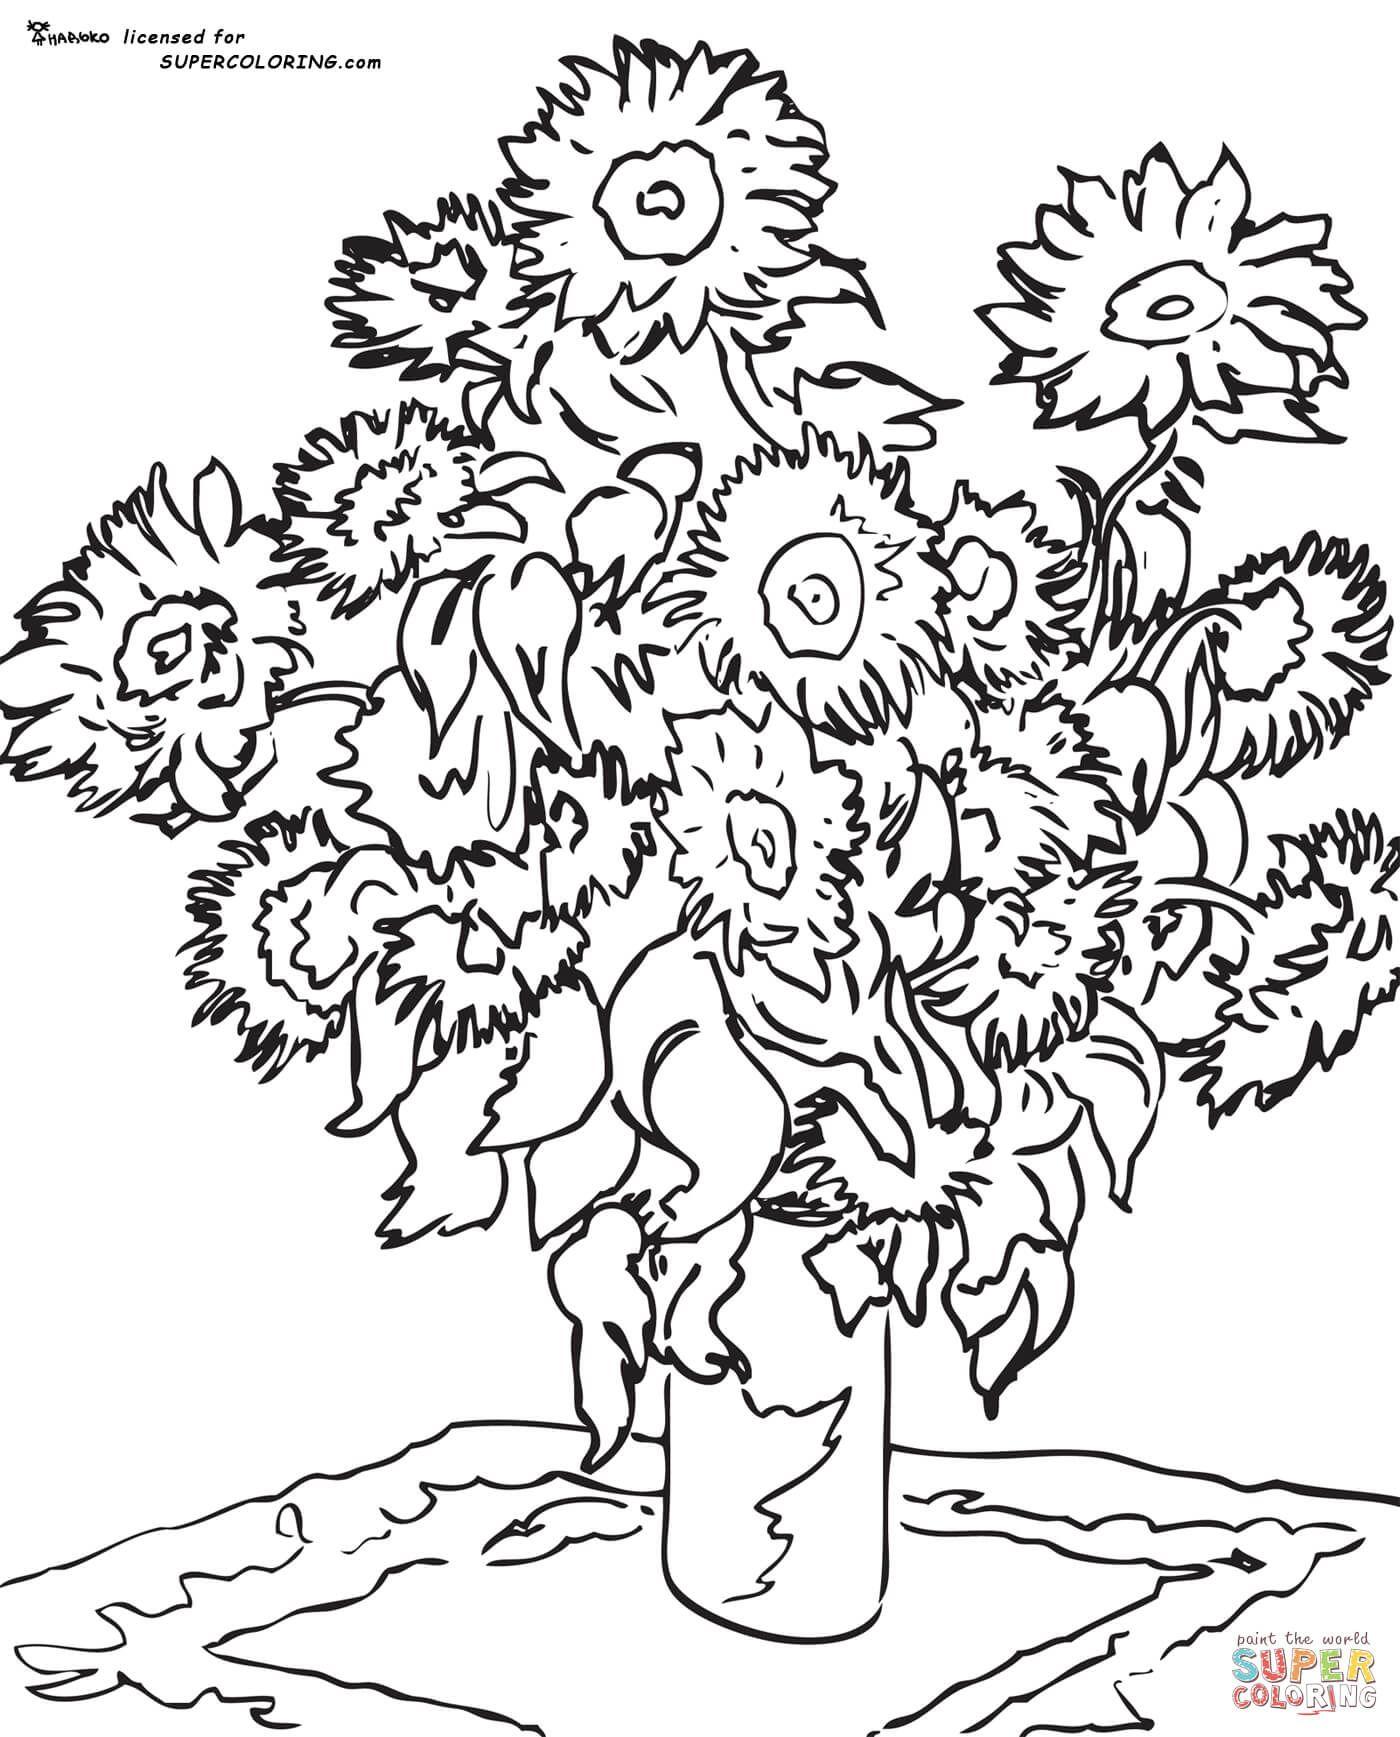 Sunflower By Claude Monet Coloring Page Free Printable Coloring Pages Kunst Voor Kinderen Kunst Activiteiten Kleurplaten